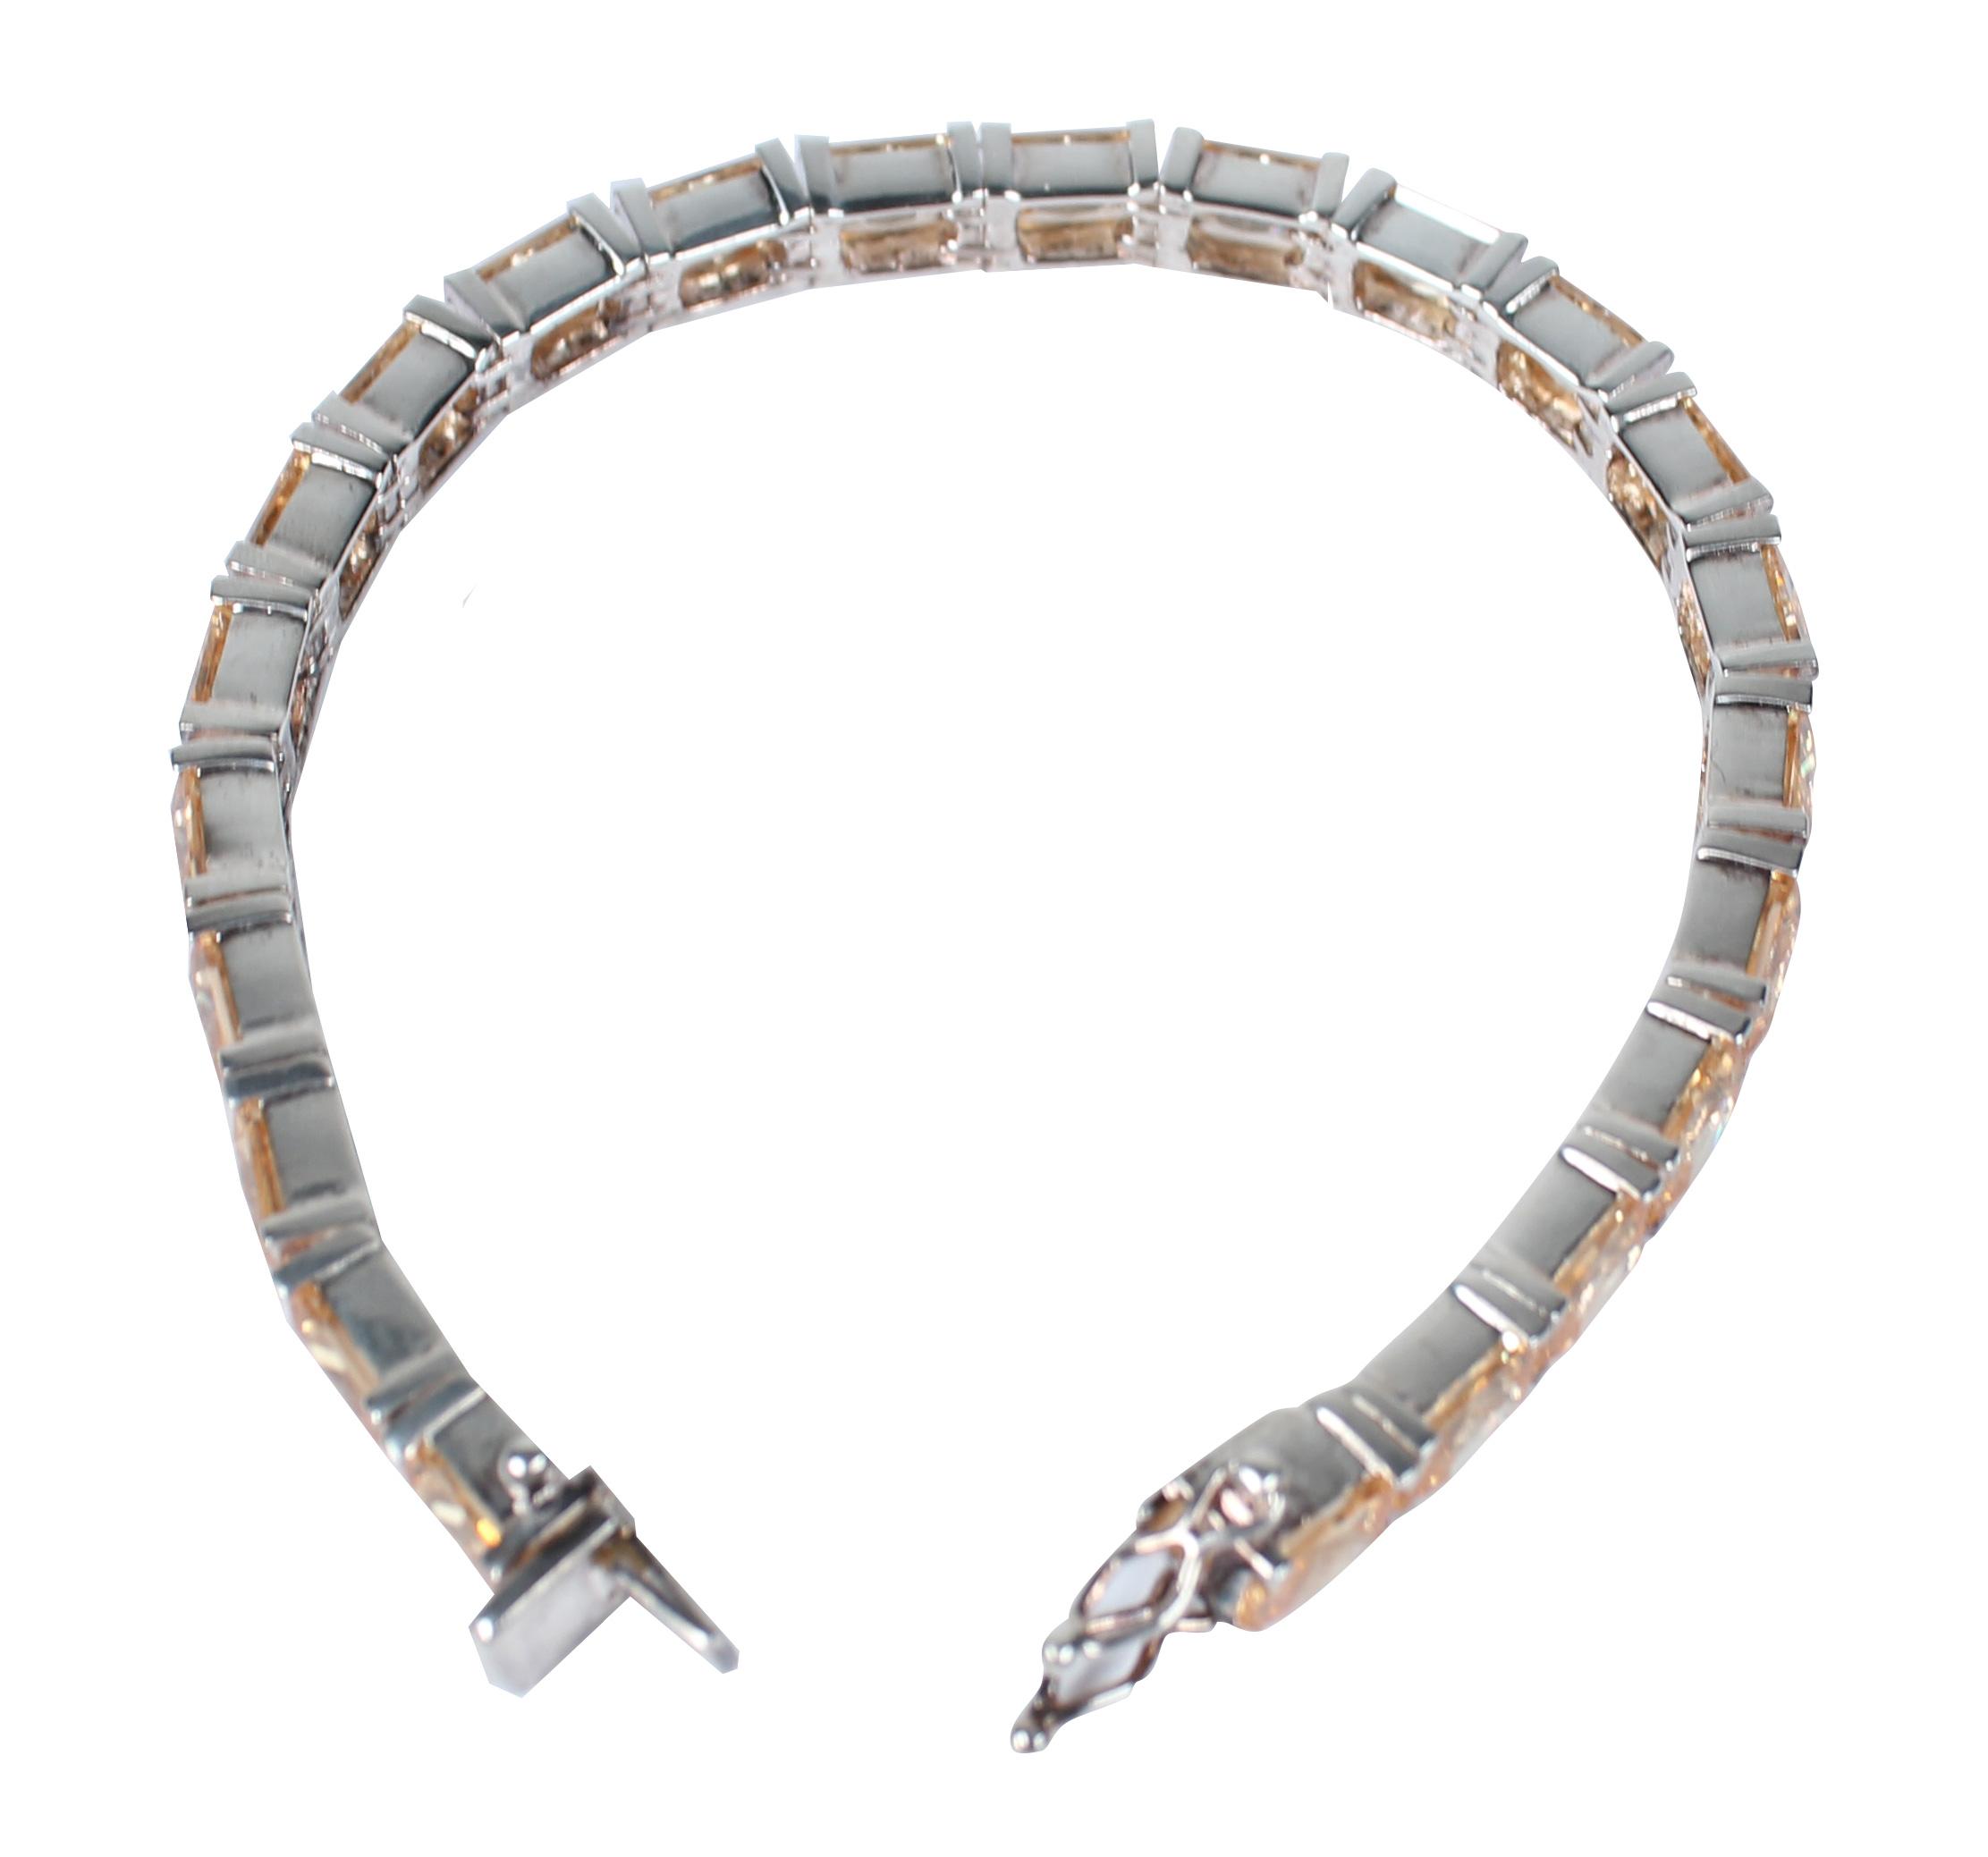 Halskette nach Ultraschallreinigung